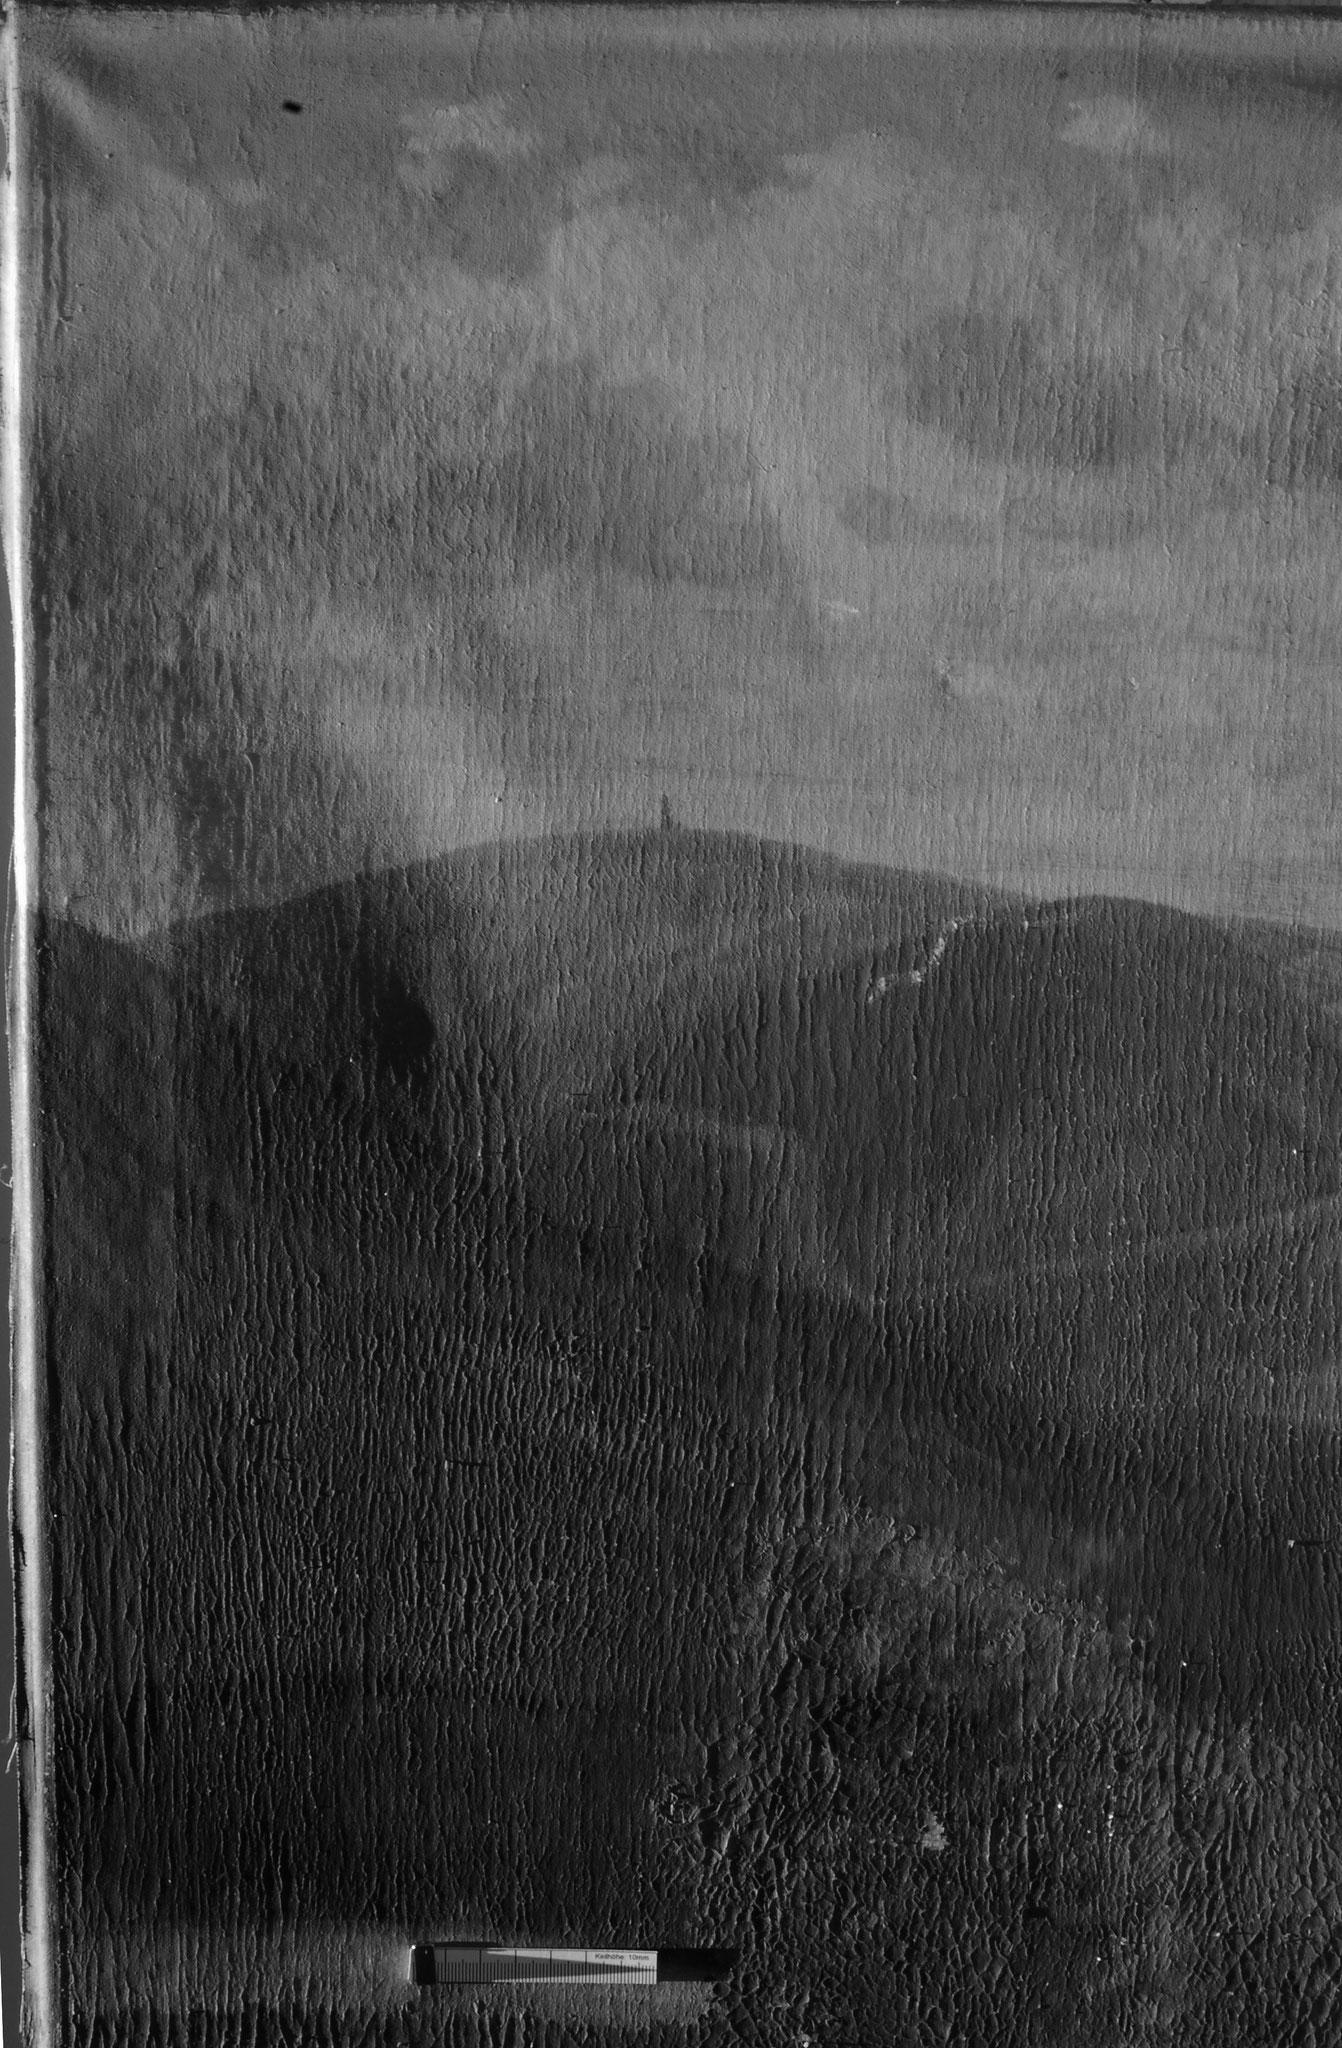 Vorzustand, im Streiflicht erkennbare Deformationen der Leinwand